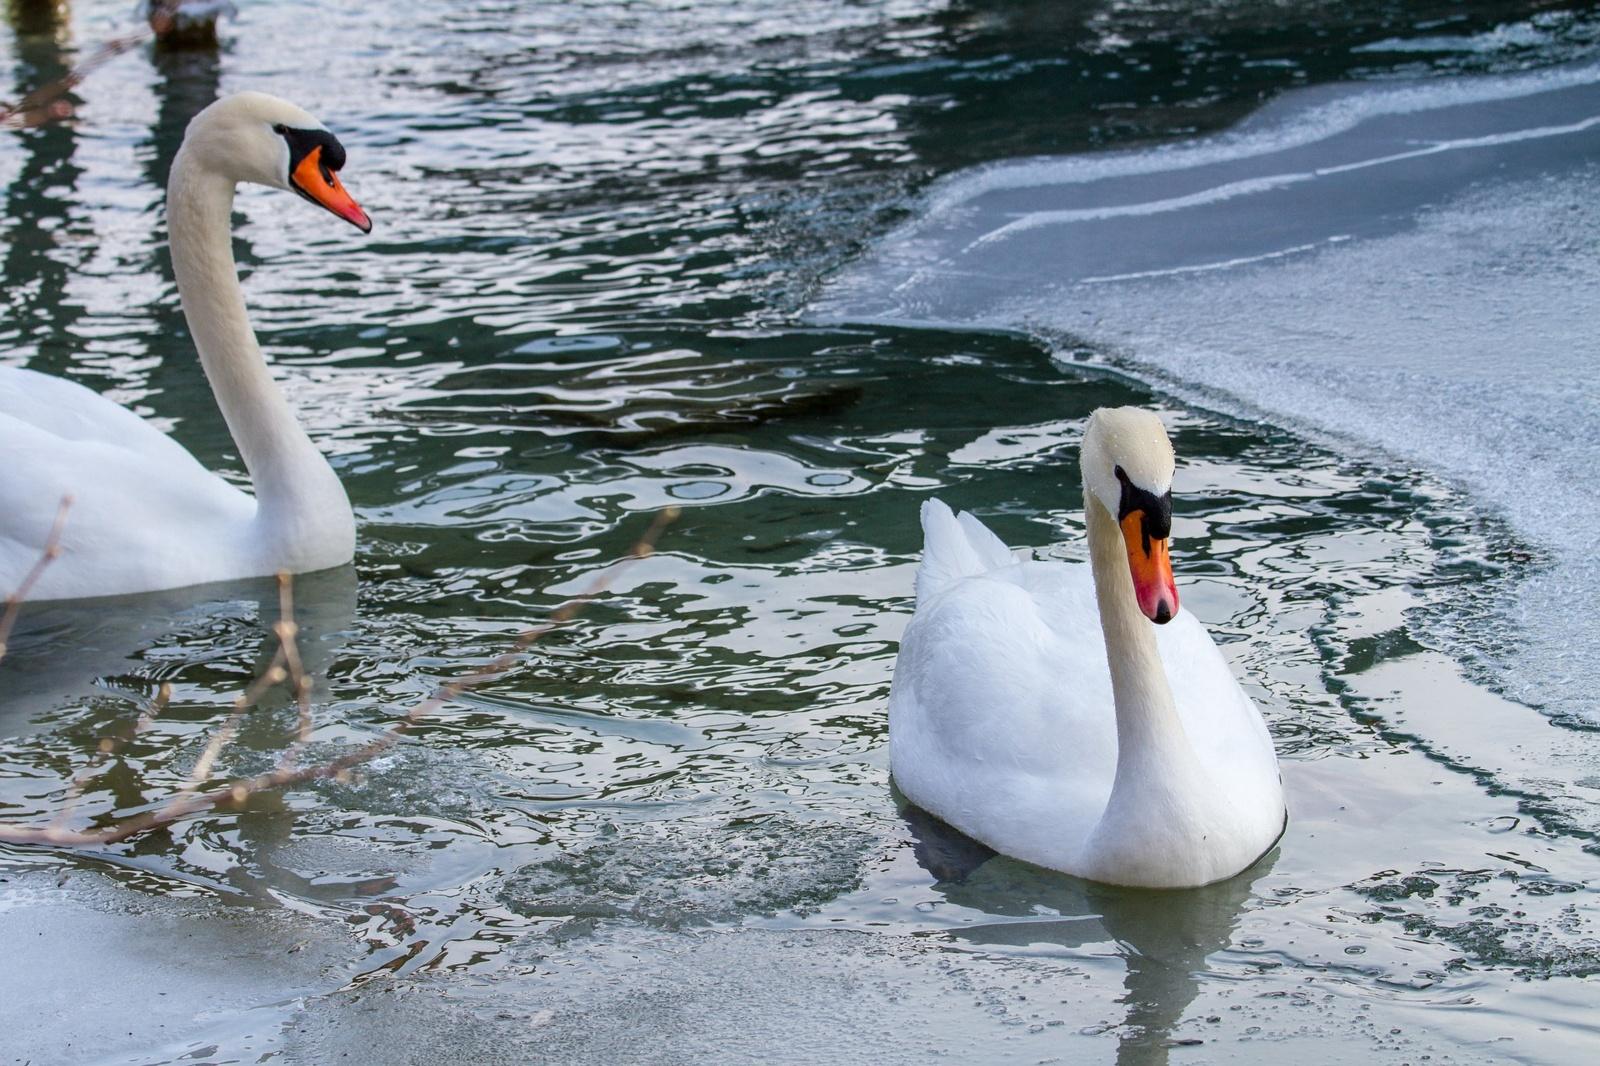 Panika dėl gulbių ant ledo – tik dėl gamtos nepažinimo